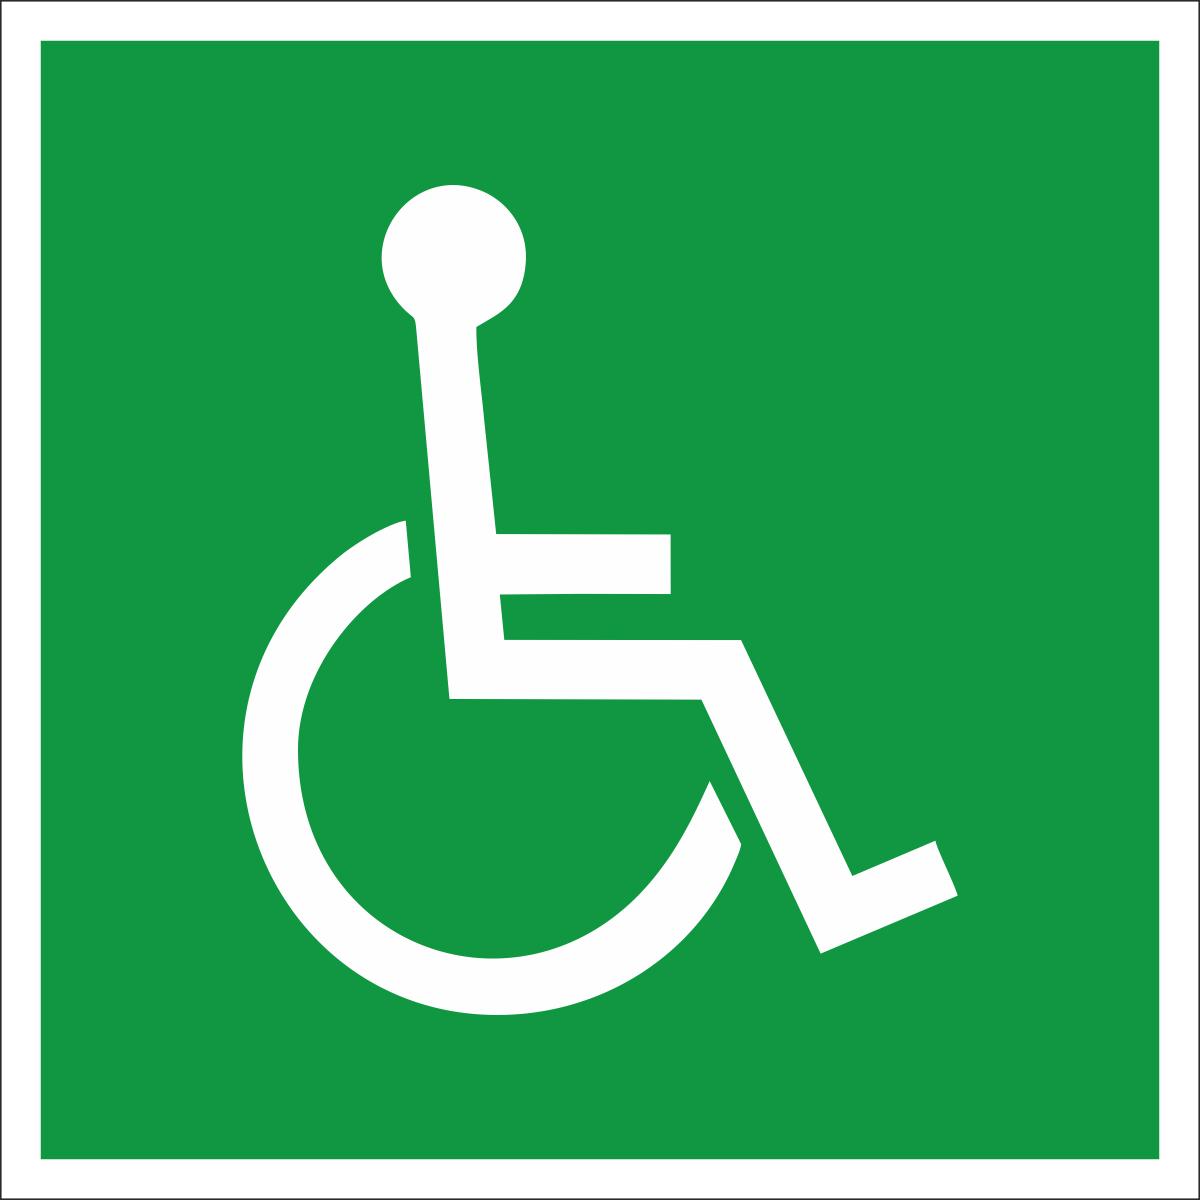 Наклейка информационная Оранжевый Слоник Доступность для инвалидов всех категорий, 15 х 15 см оранжевый слоник виниловая наклейка баскет2